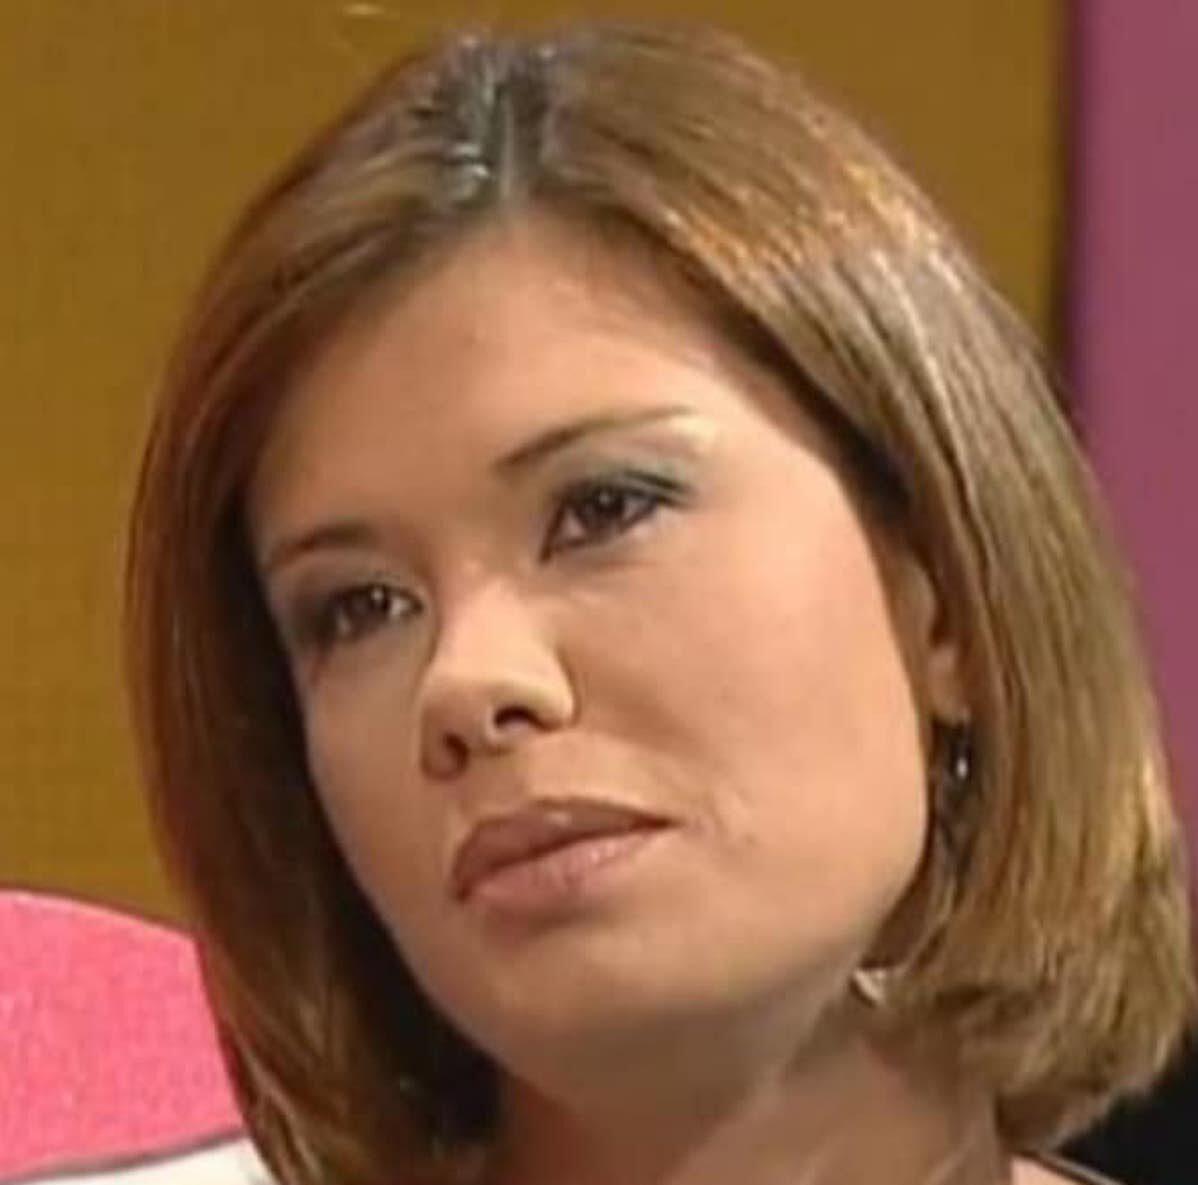 Gisela Serrano E1584552840312 Gisela Serrano Critica Teresa Do 'Big Brother' E Acredita Na Vitória De Diogo